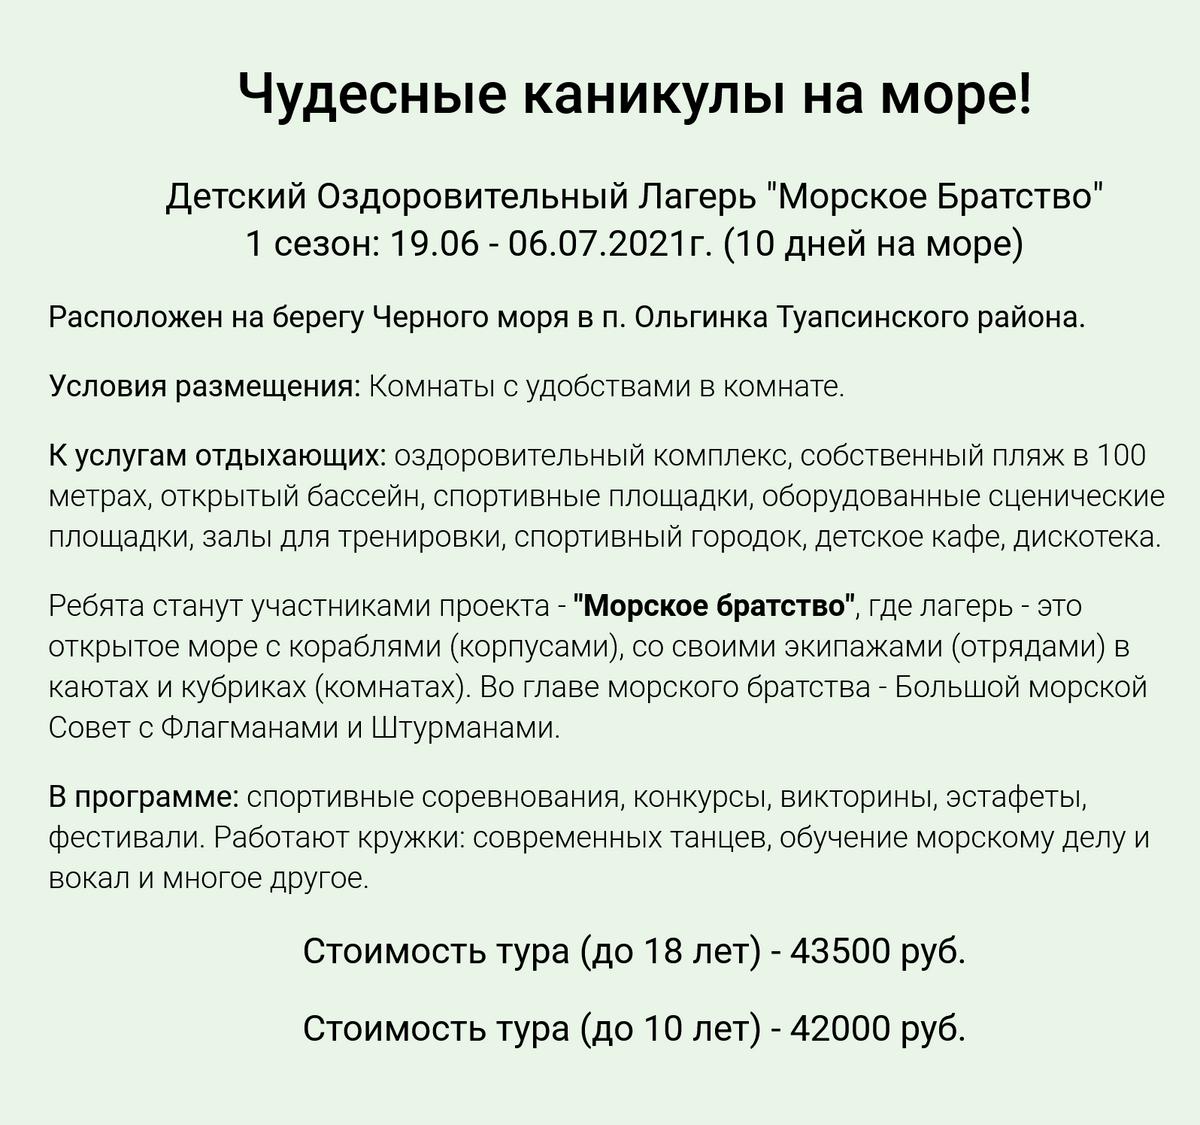 Путевка в лагерь «Морское братство» в&nbsp;поселке Ольгино стоит 42 000—43 500<span class=ruble>Р</span>. С&nbsp;кэшбэком получится 22 000—23 500<span class=ruble>Р</span>. В&nbsp;стоимость входит 10&nbsp;дней проживания, билеты на поезд Бийск — Туапсе — Бийск и&nbsp;пятиразовое питание. Источник: «Олимп»